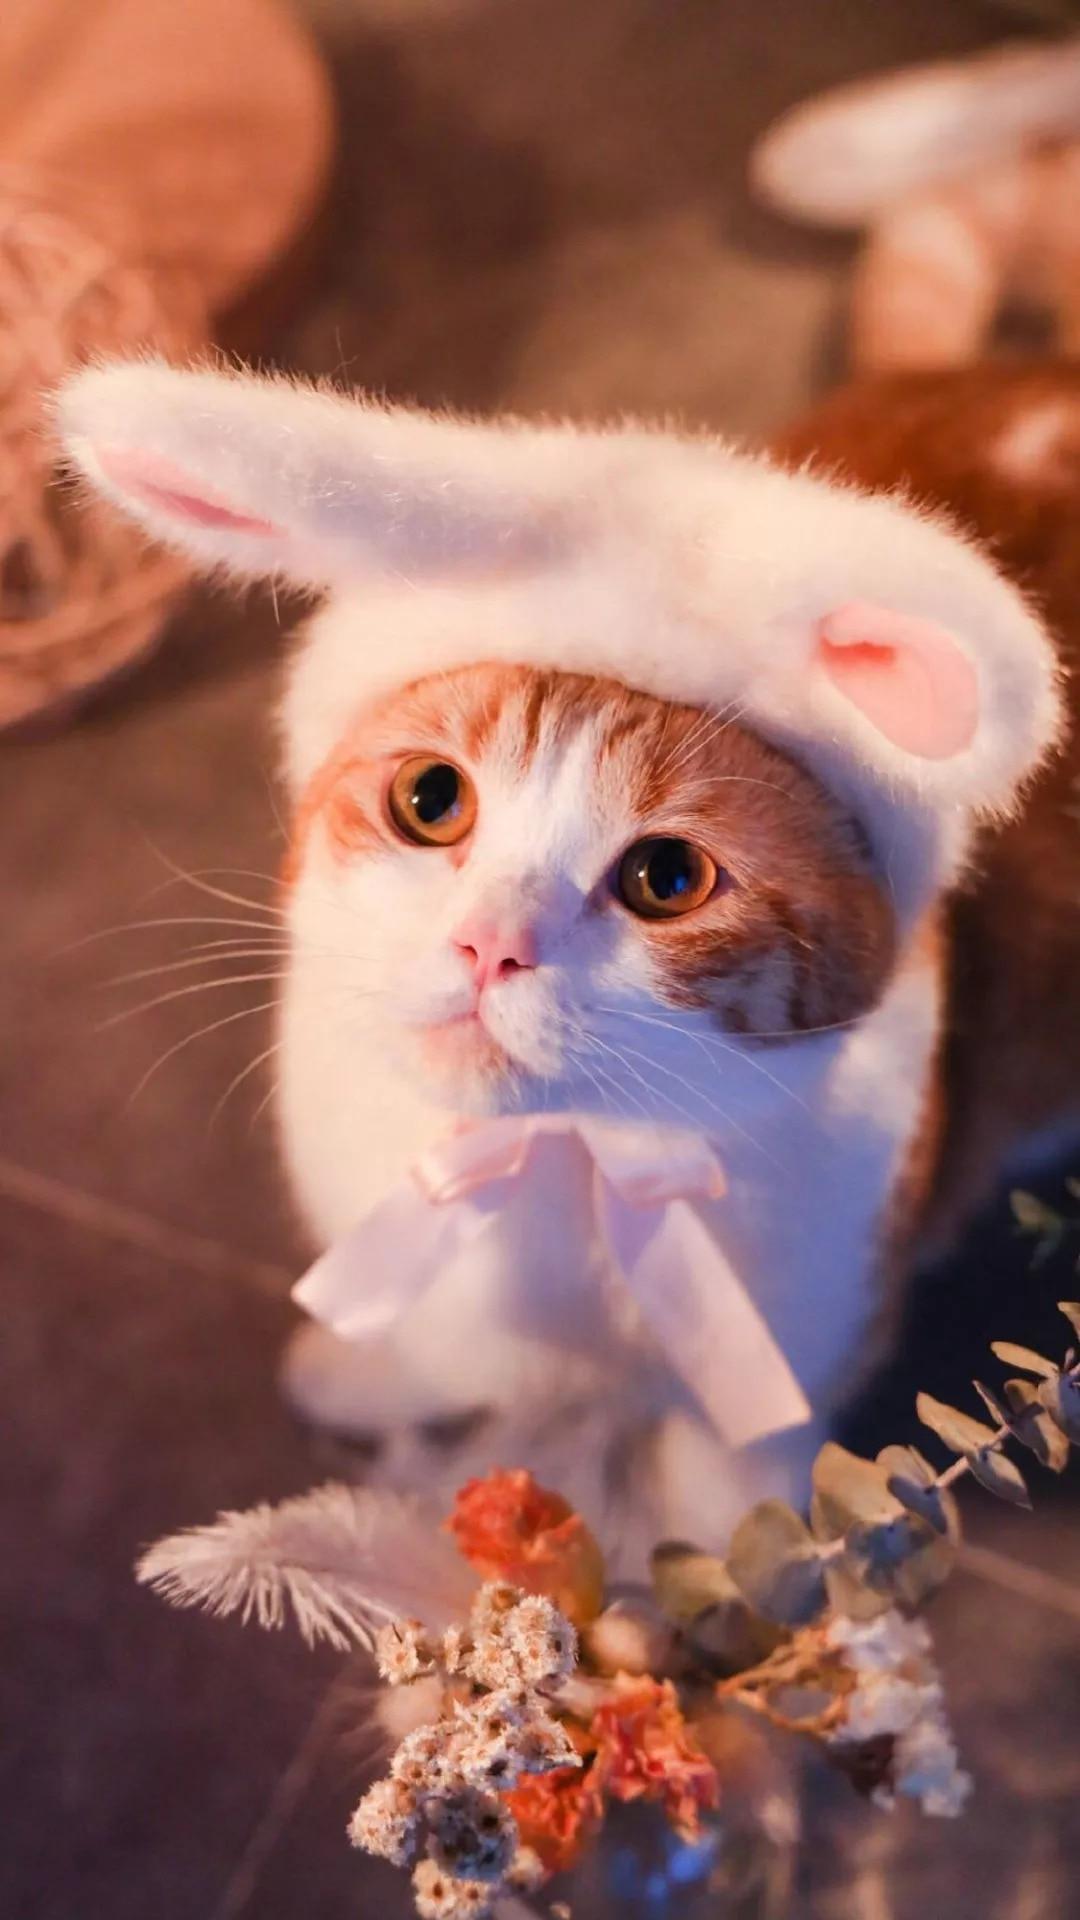 猫片壁纸 :生活不断拍打我们的脸皮,最后不是脸皮厚了,是肿了!插图61